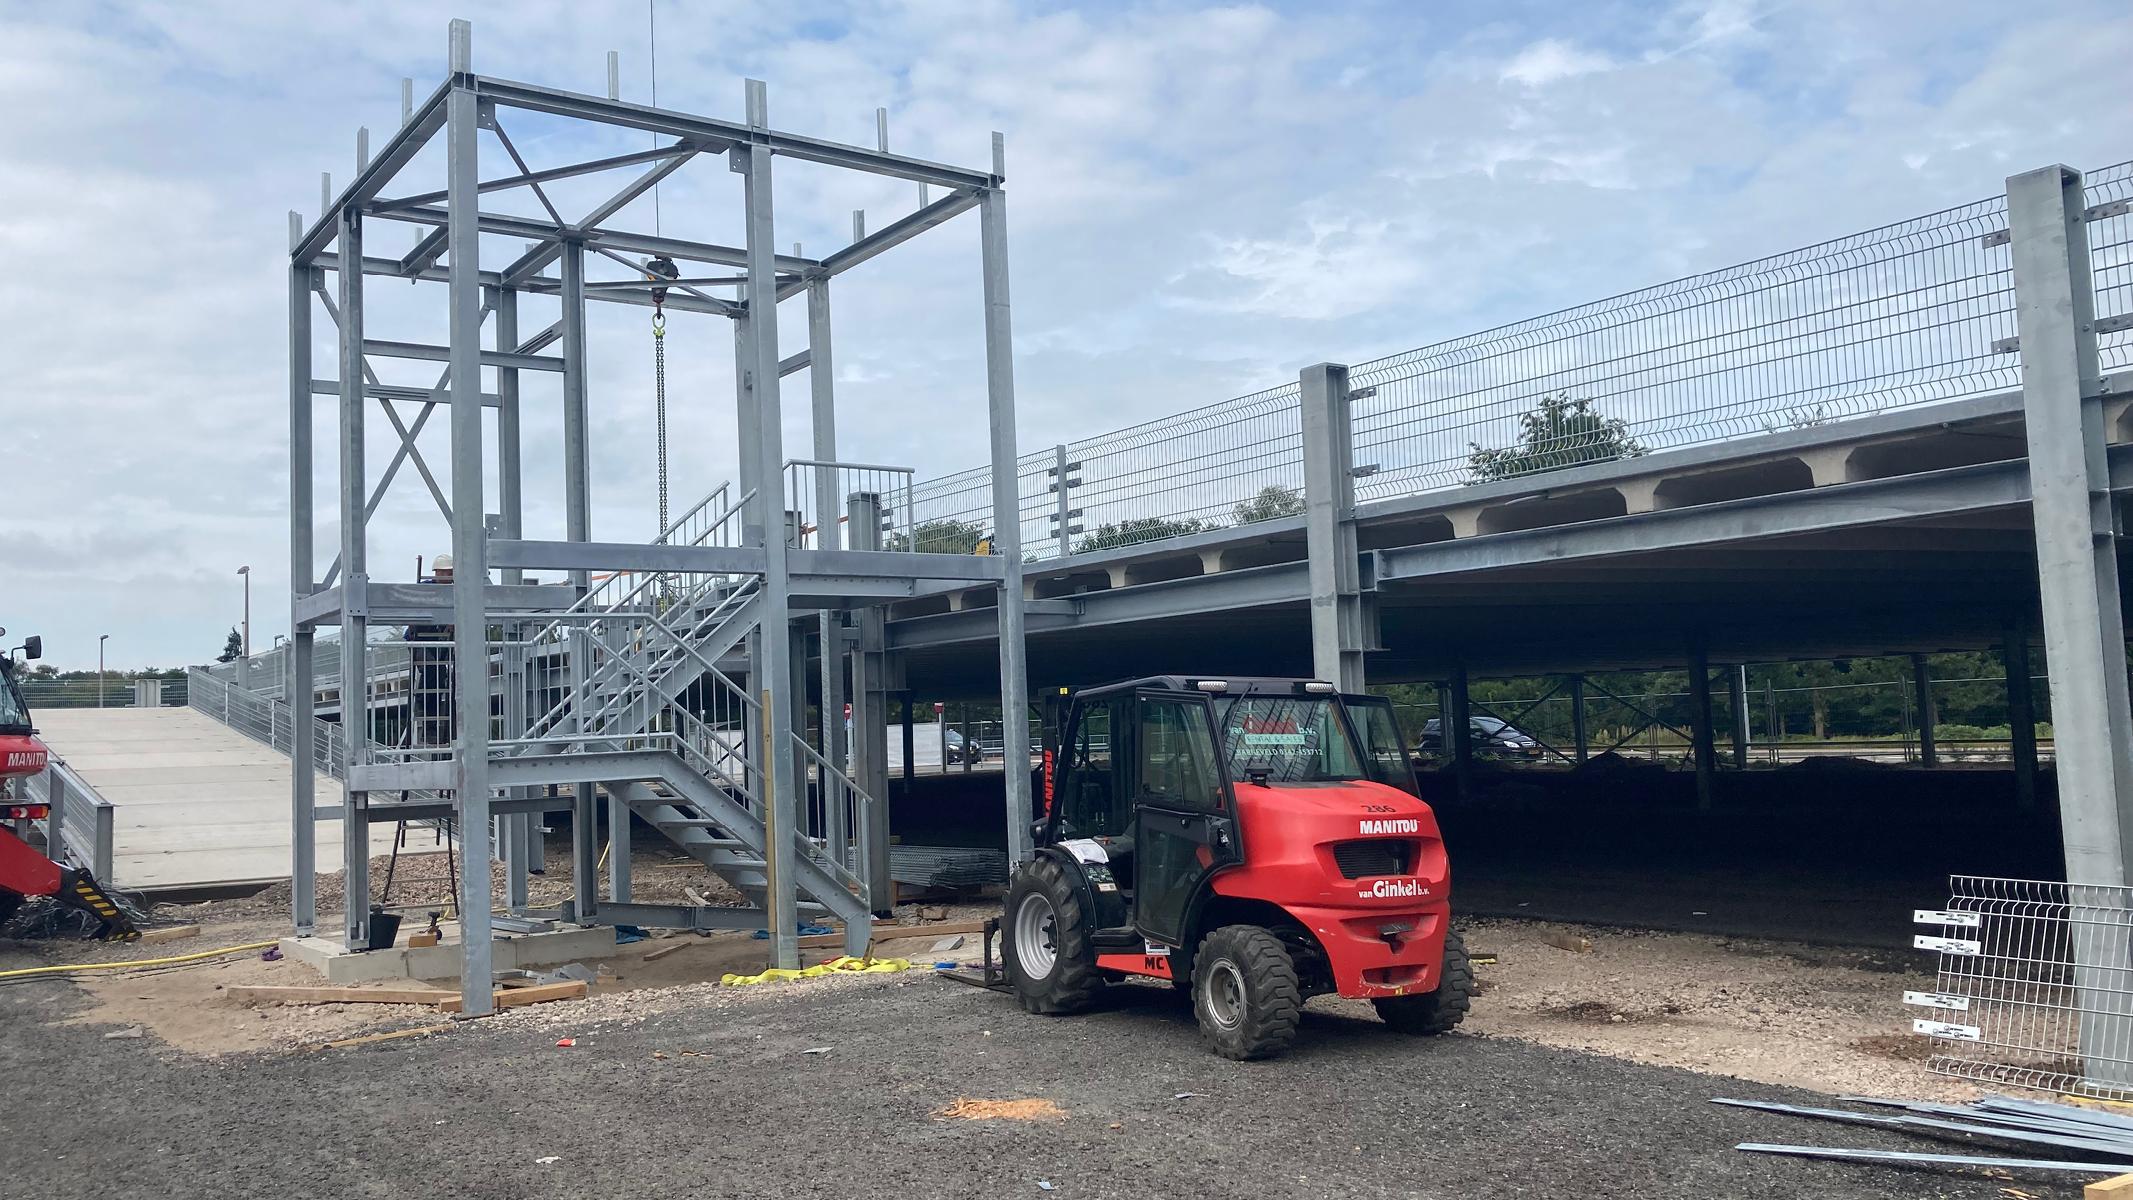 Eerste fase bouw parkeerdek Gelre ziekenhuizen Apeldoorn gereed